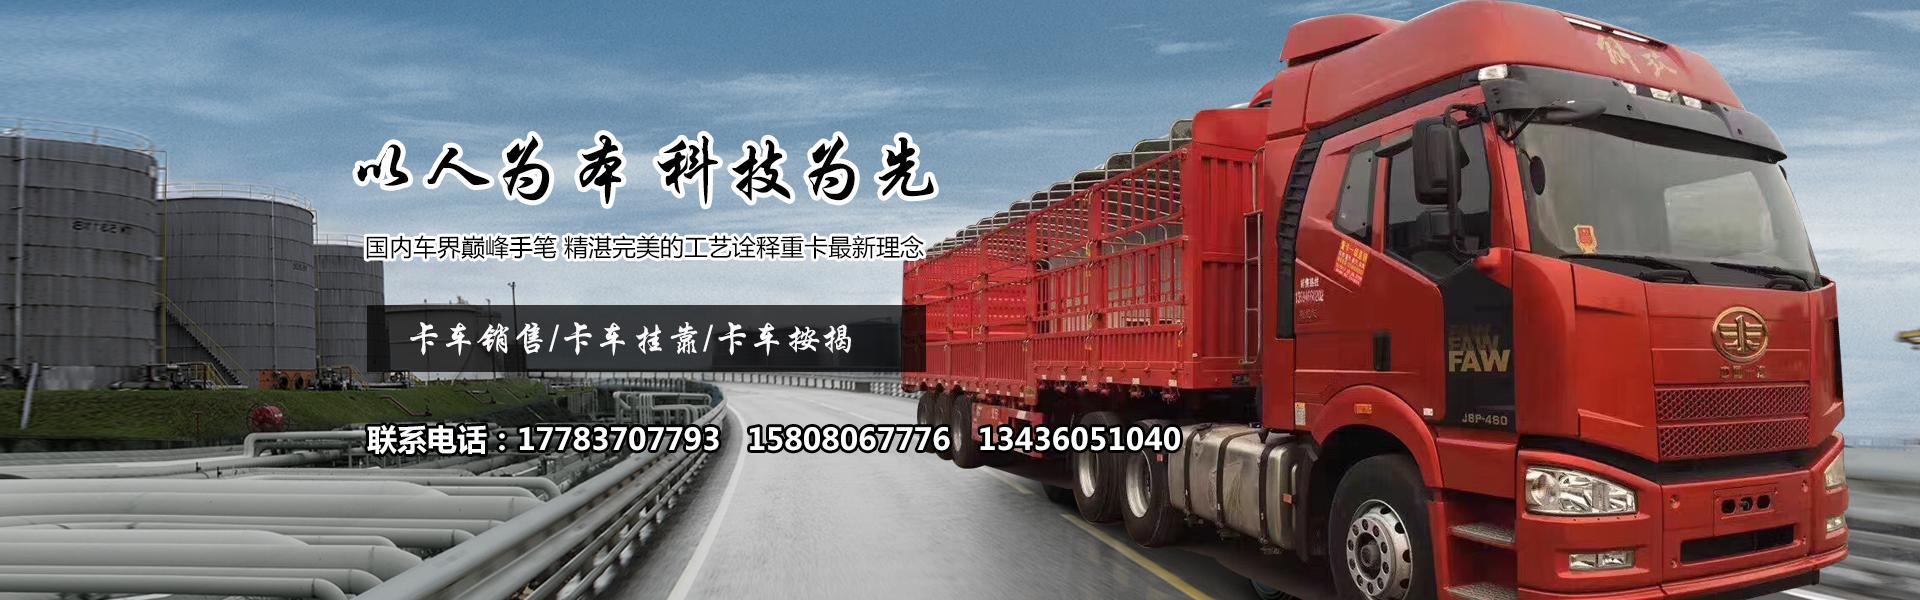 丰圣卡车提供卡车销售,卡车挂靠,卡车按揭服务